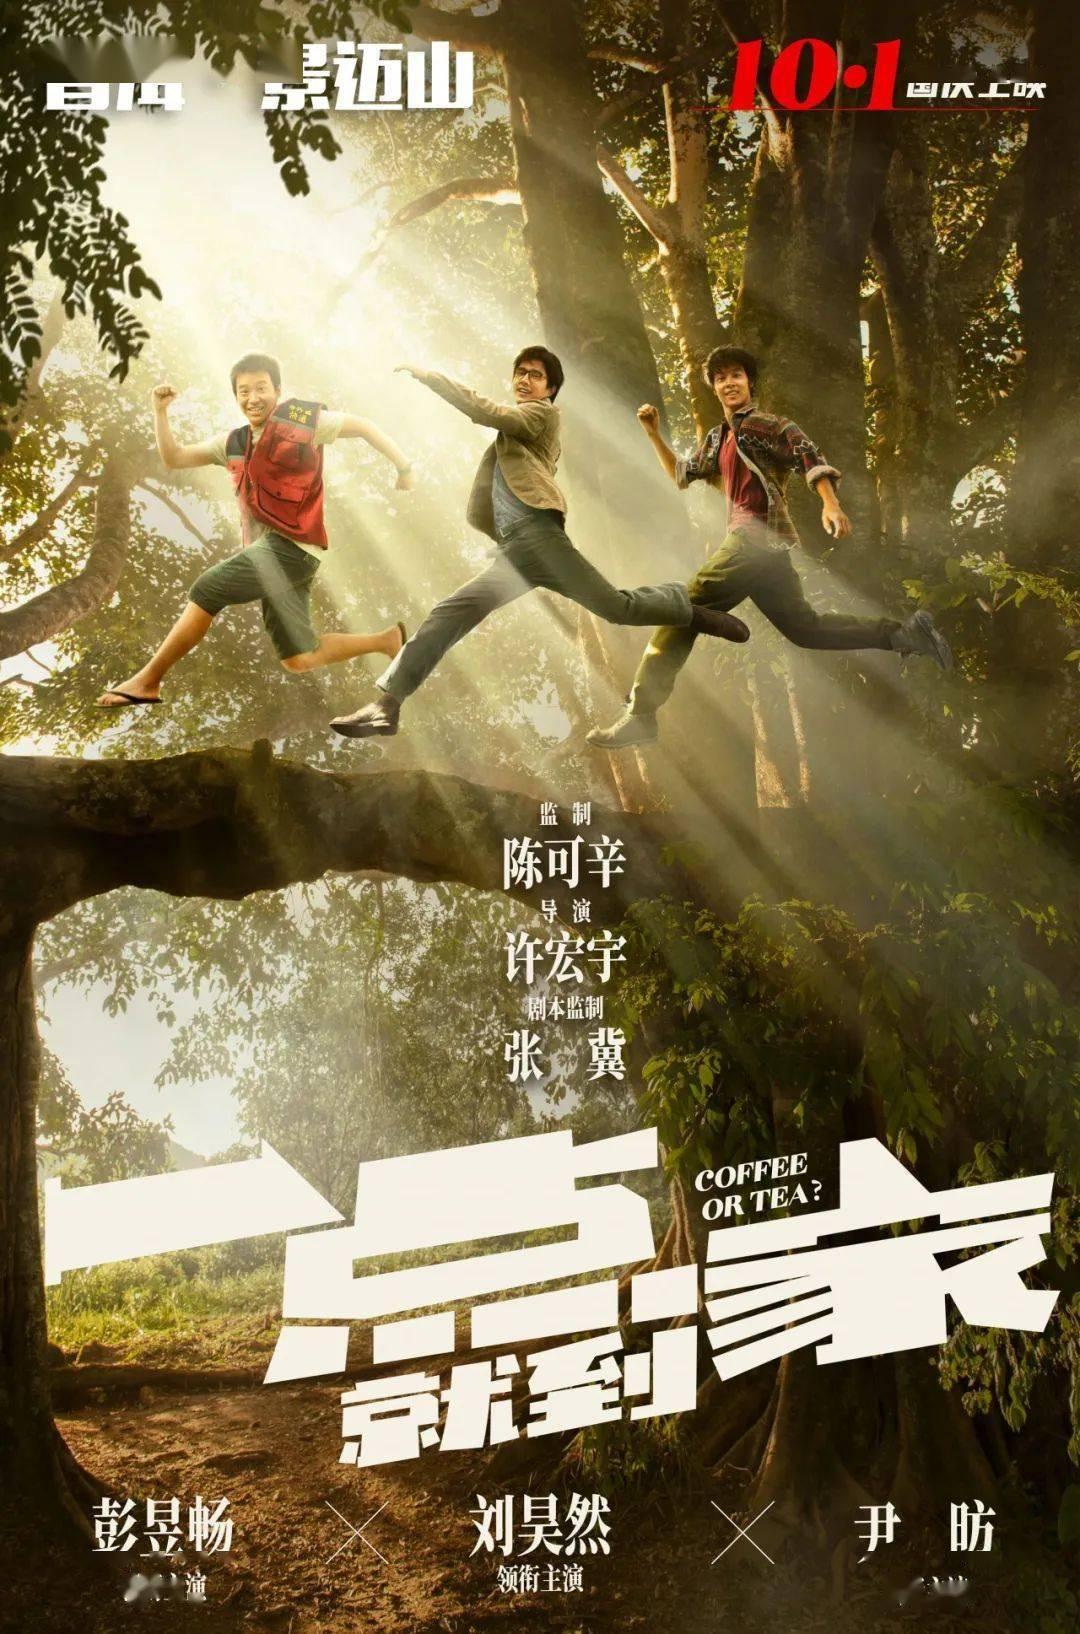 劉昊然主演《一點就到家》將于國慶檔上映 陳可辛擔當監制人